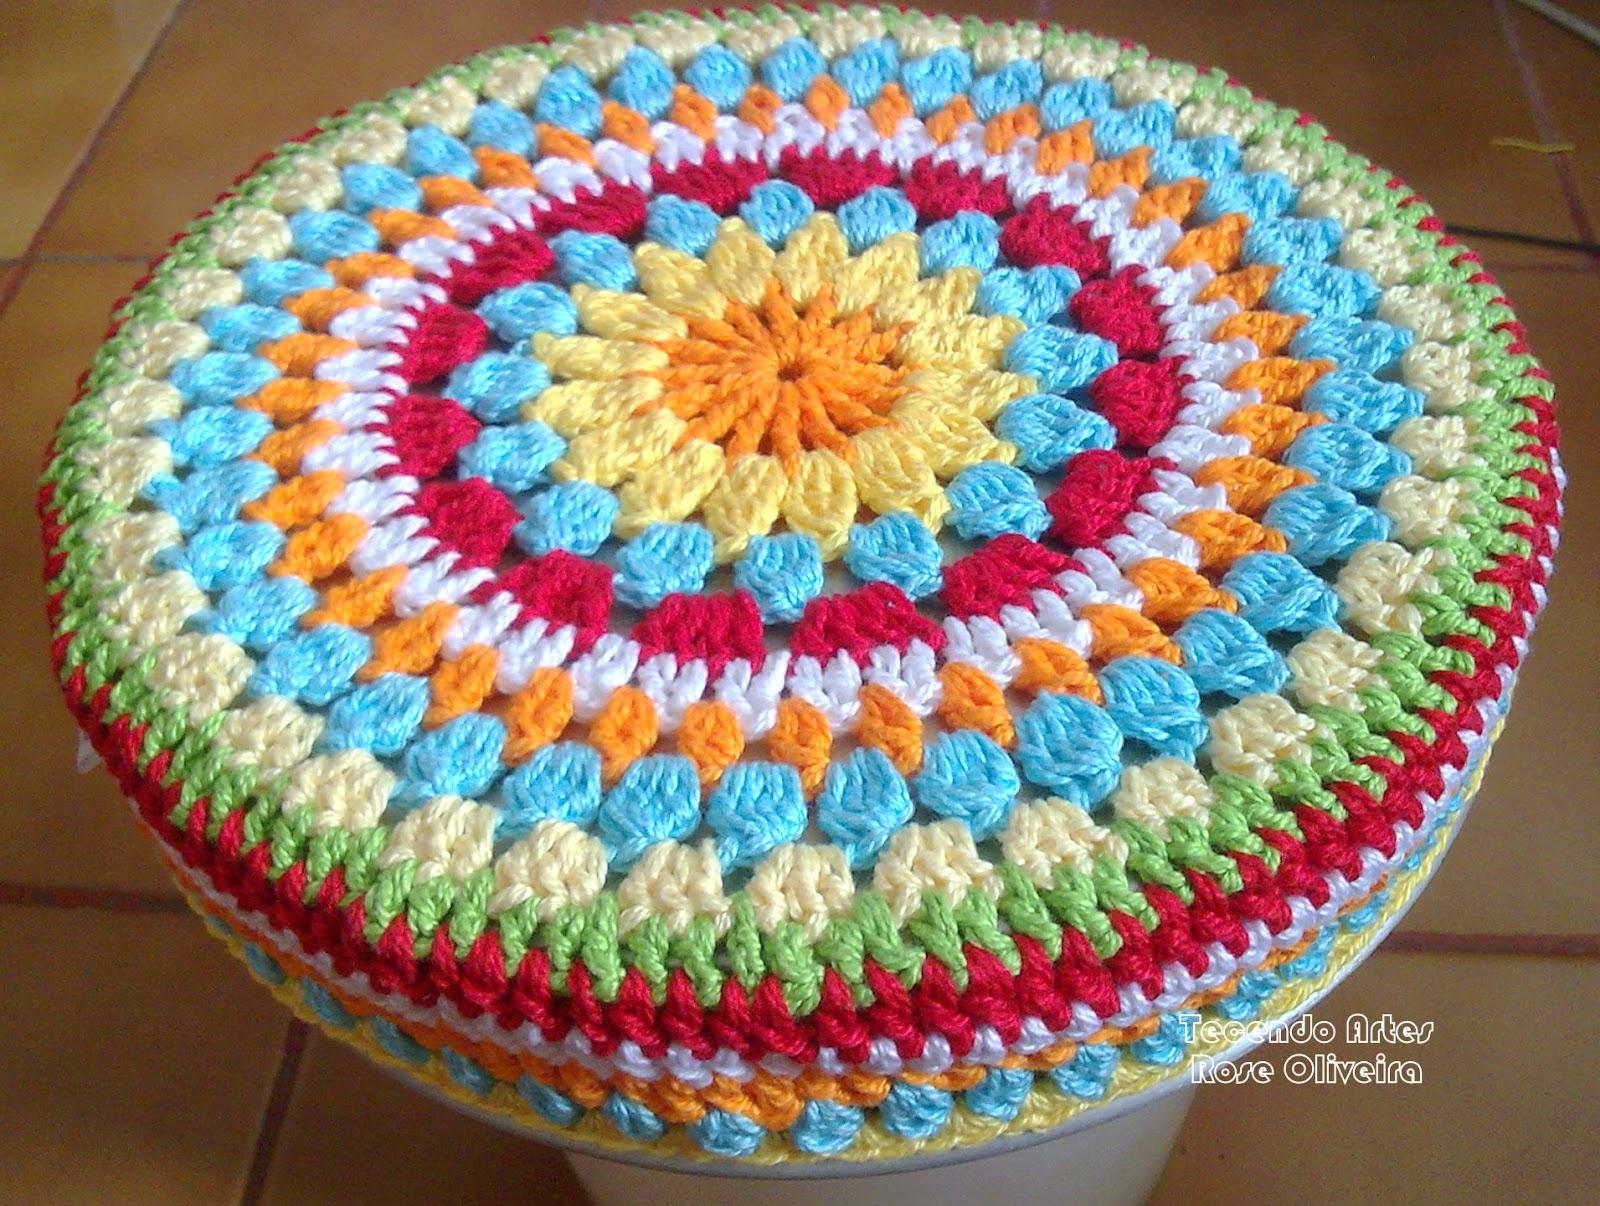 Tecendo Artes em Crochet: Capa p/ Banquinho Redondo! #B36218 1600x1206